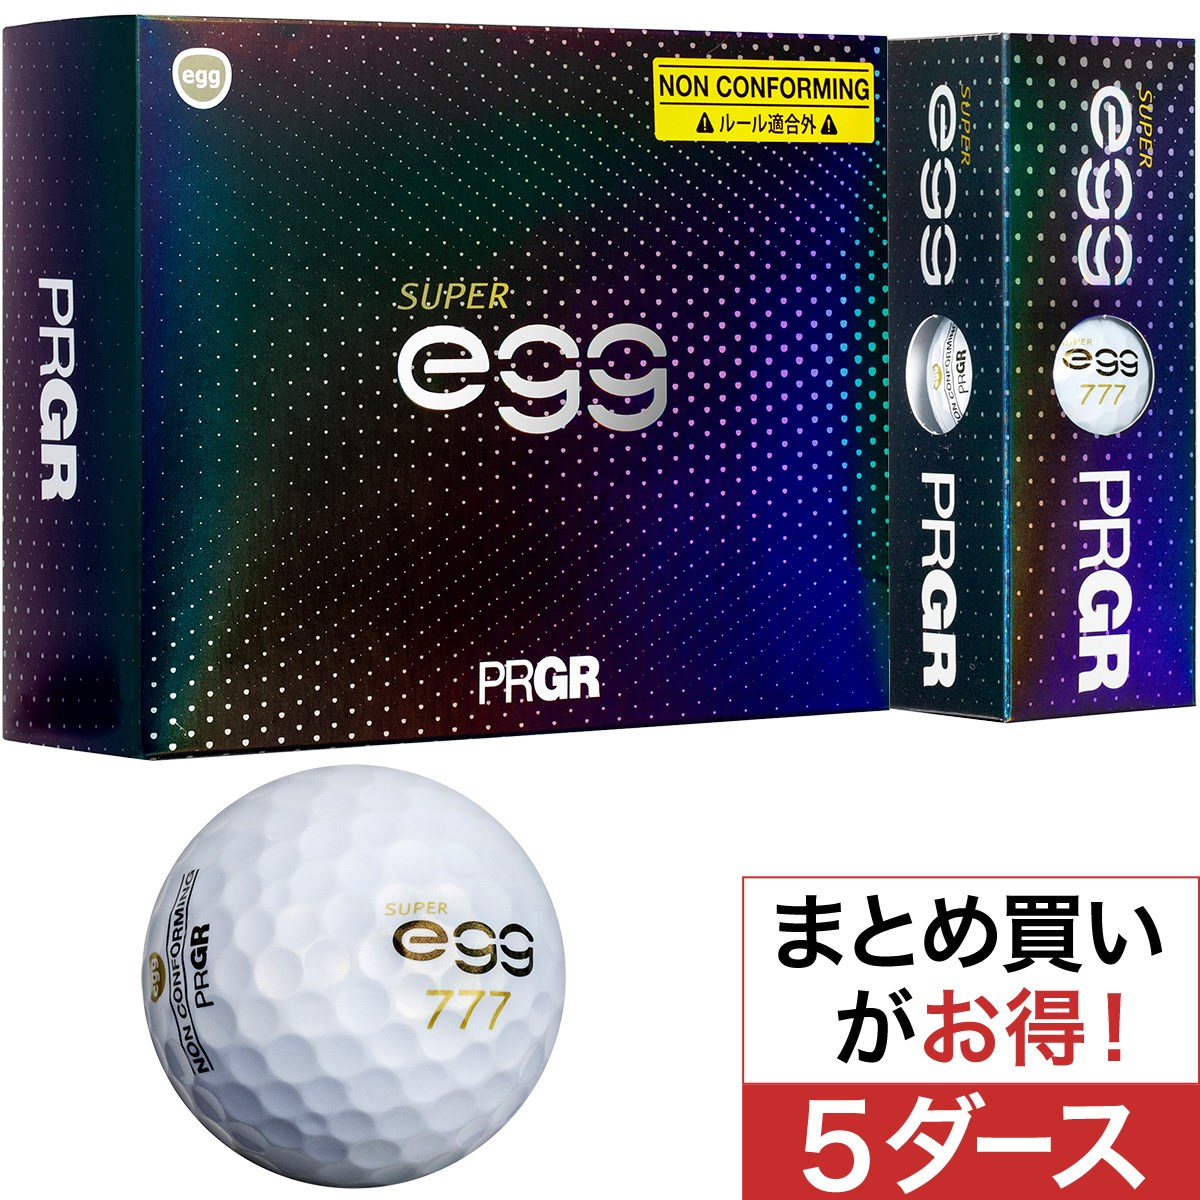 プロギア(PRGR) NEW SUPER エッグ ボール 5ダースセット【非公認球】